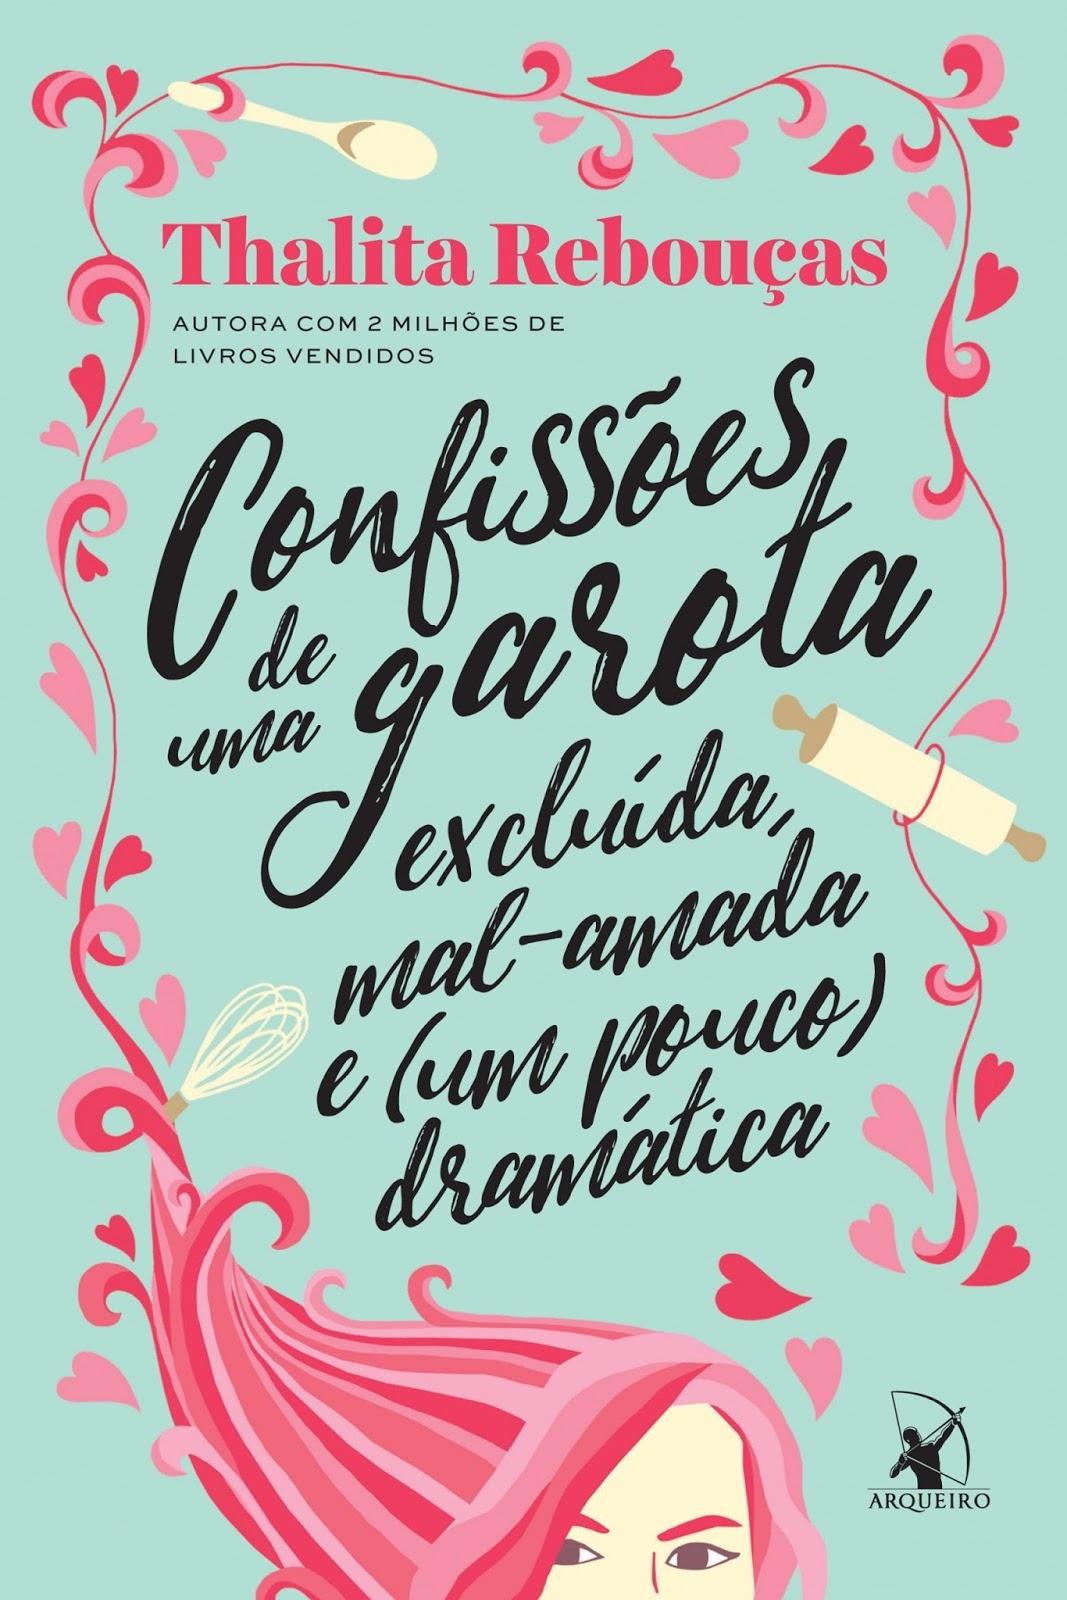 Blog Mais que Livros: Resenha - Confissões de uma garota excluída,  mal-amada e (um pouco) dramática, Thalita Rebouças